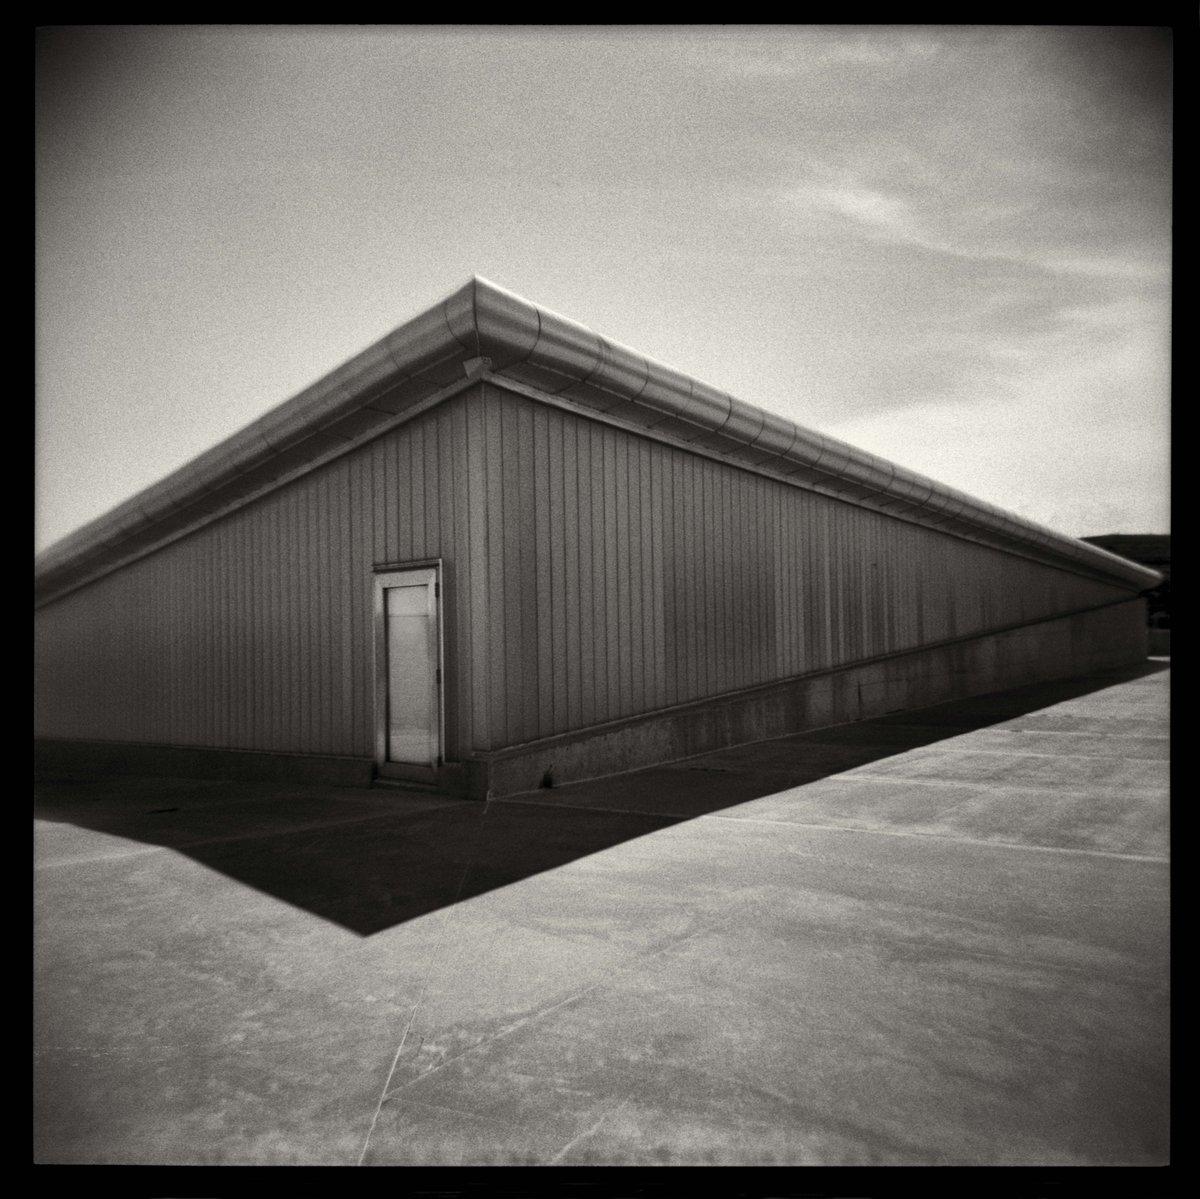 Great Shot! - RT @AleLifschitz: Testing Holga 120 (take 1) by @AleLifschitz #holga #photography  @emulsivefilm https://t.co/TKjmKGxUEO